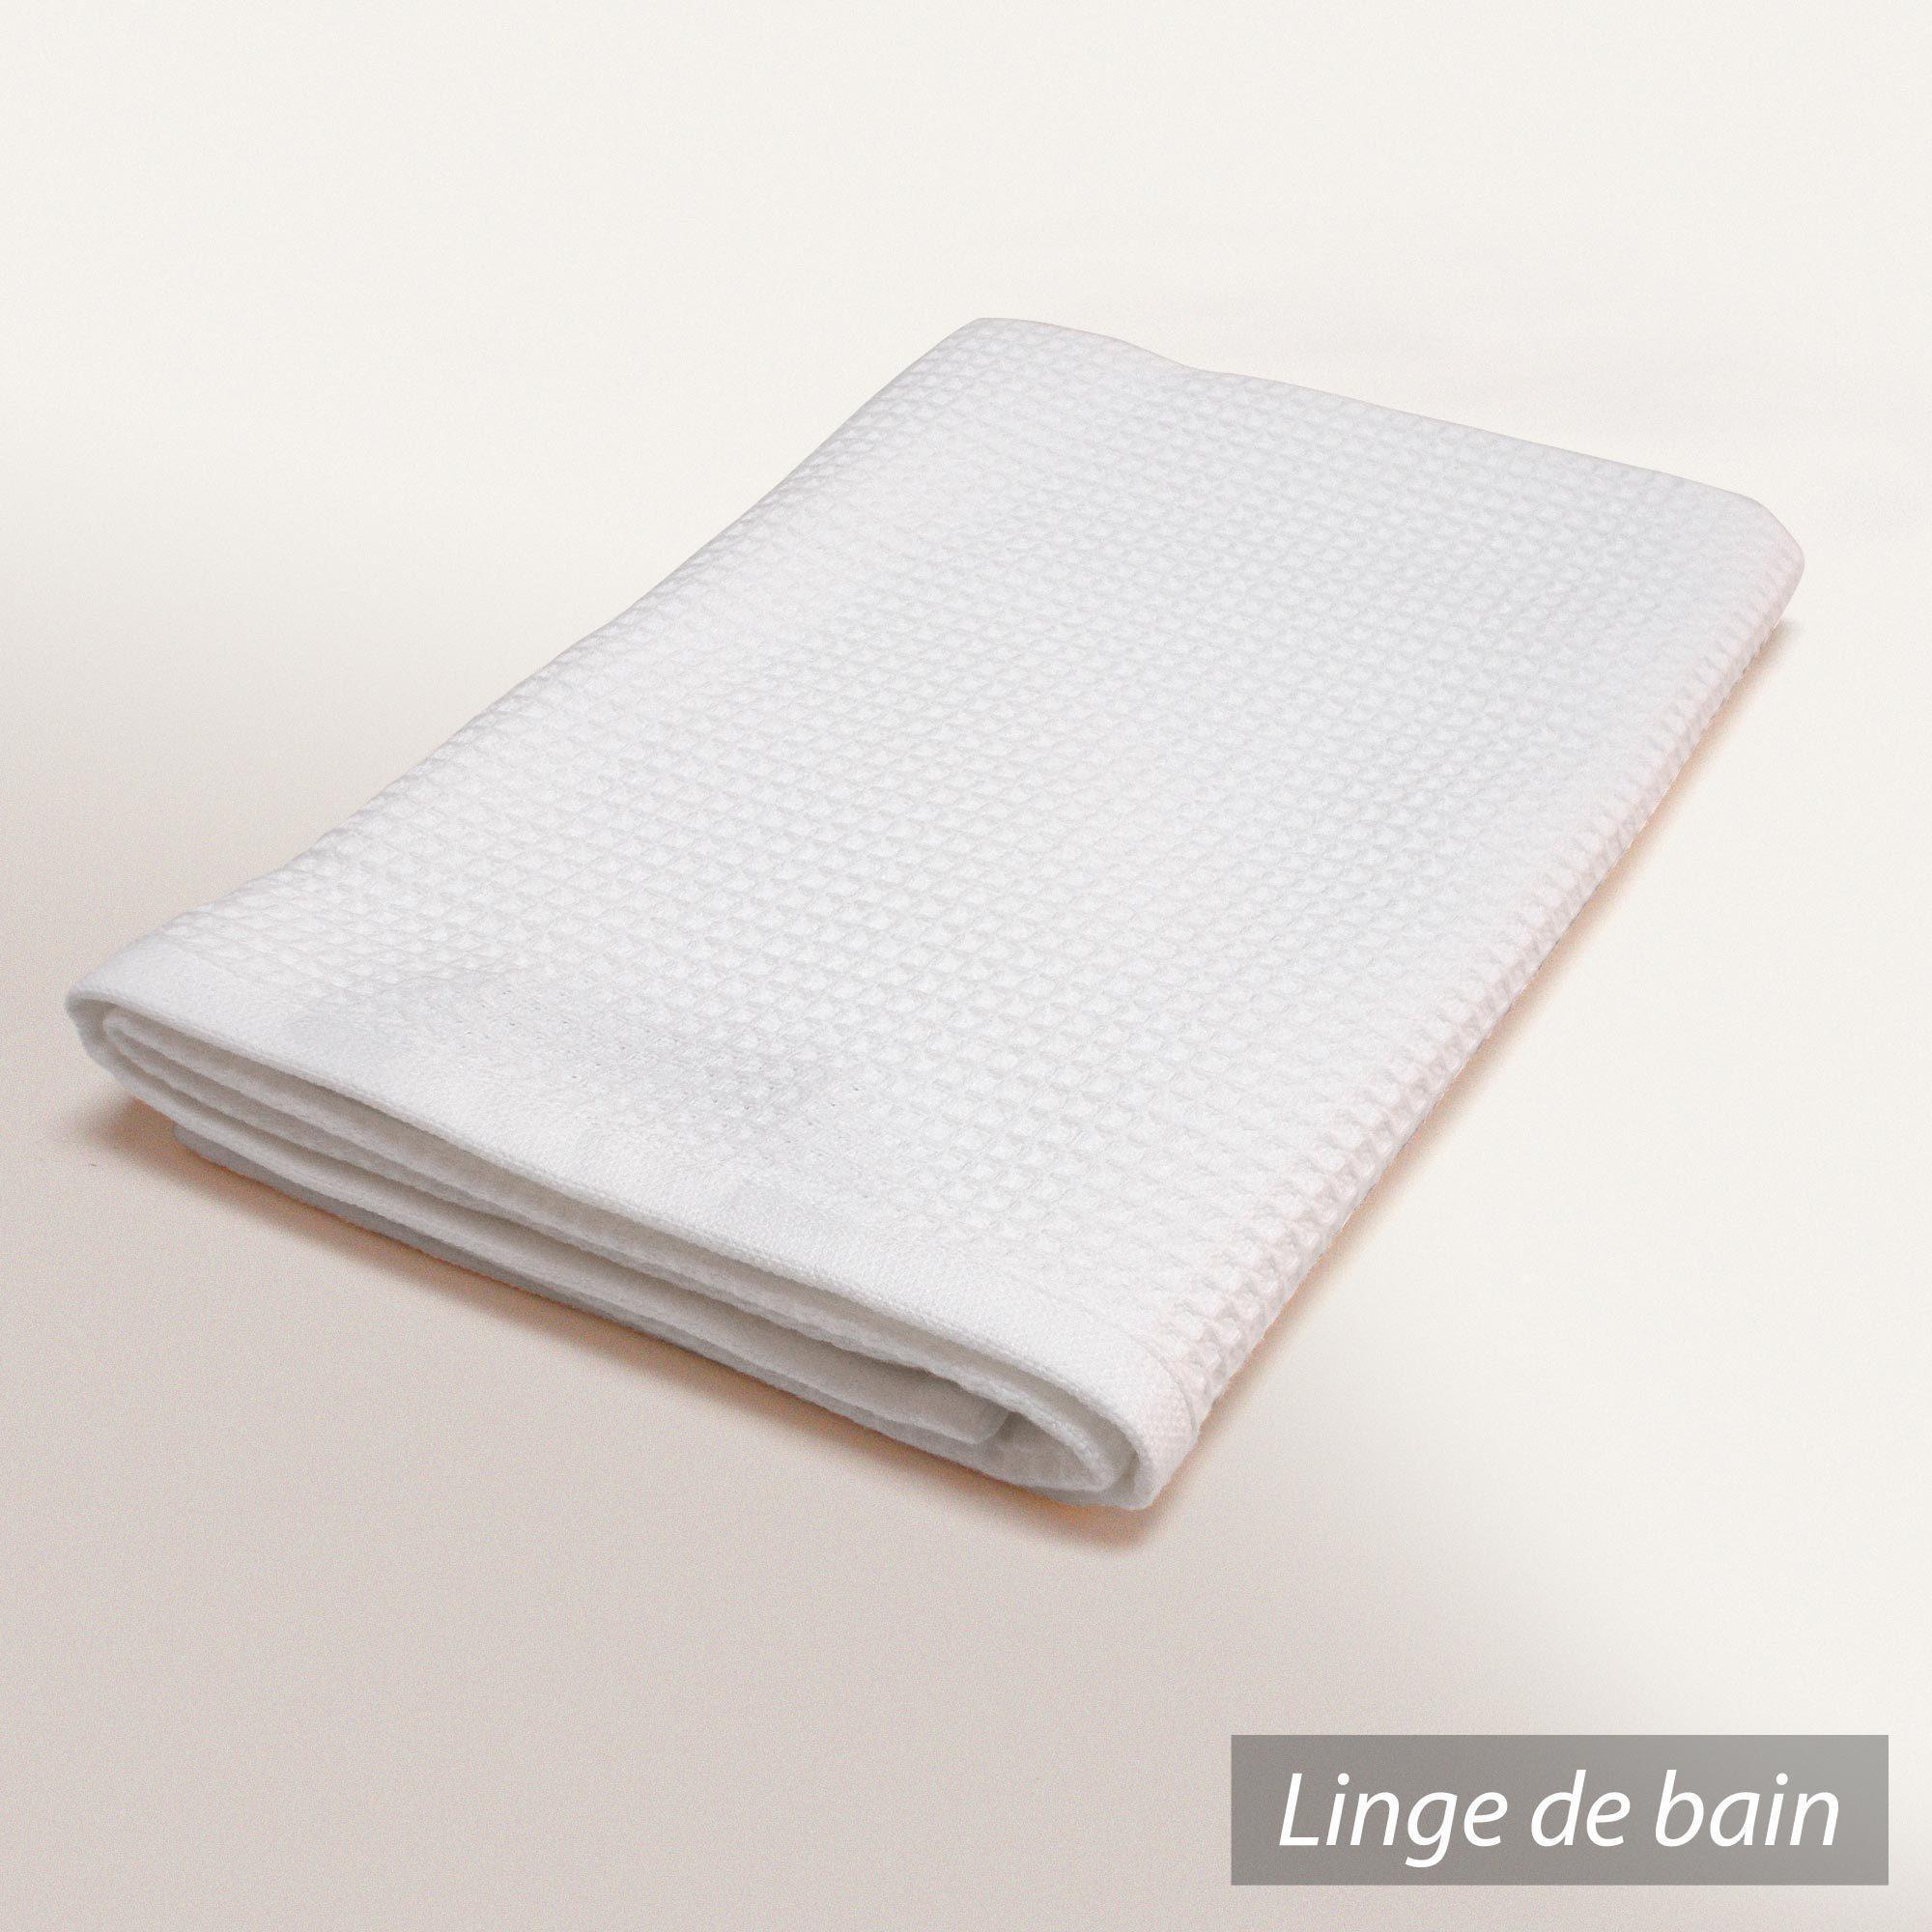 serviette de toilette 50x100 cm nid d 39 abeille pure waffle 300 g m blanc ebay. Black Bedroom Furniture Sets. Home Design Ideas